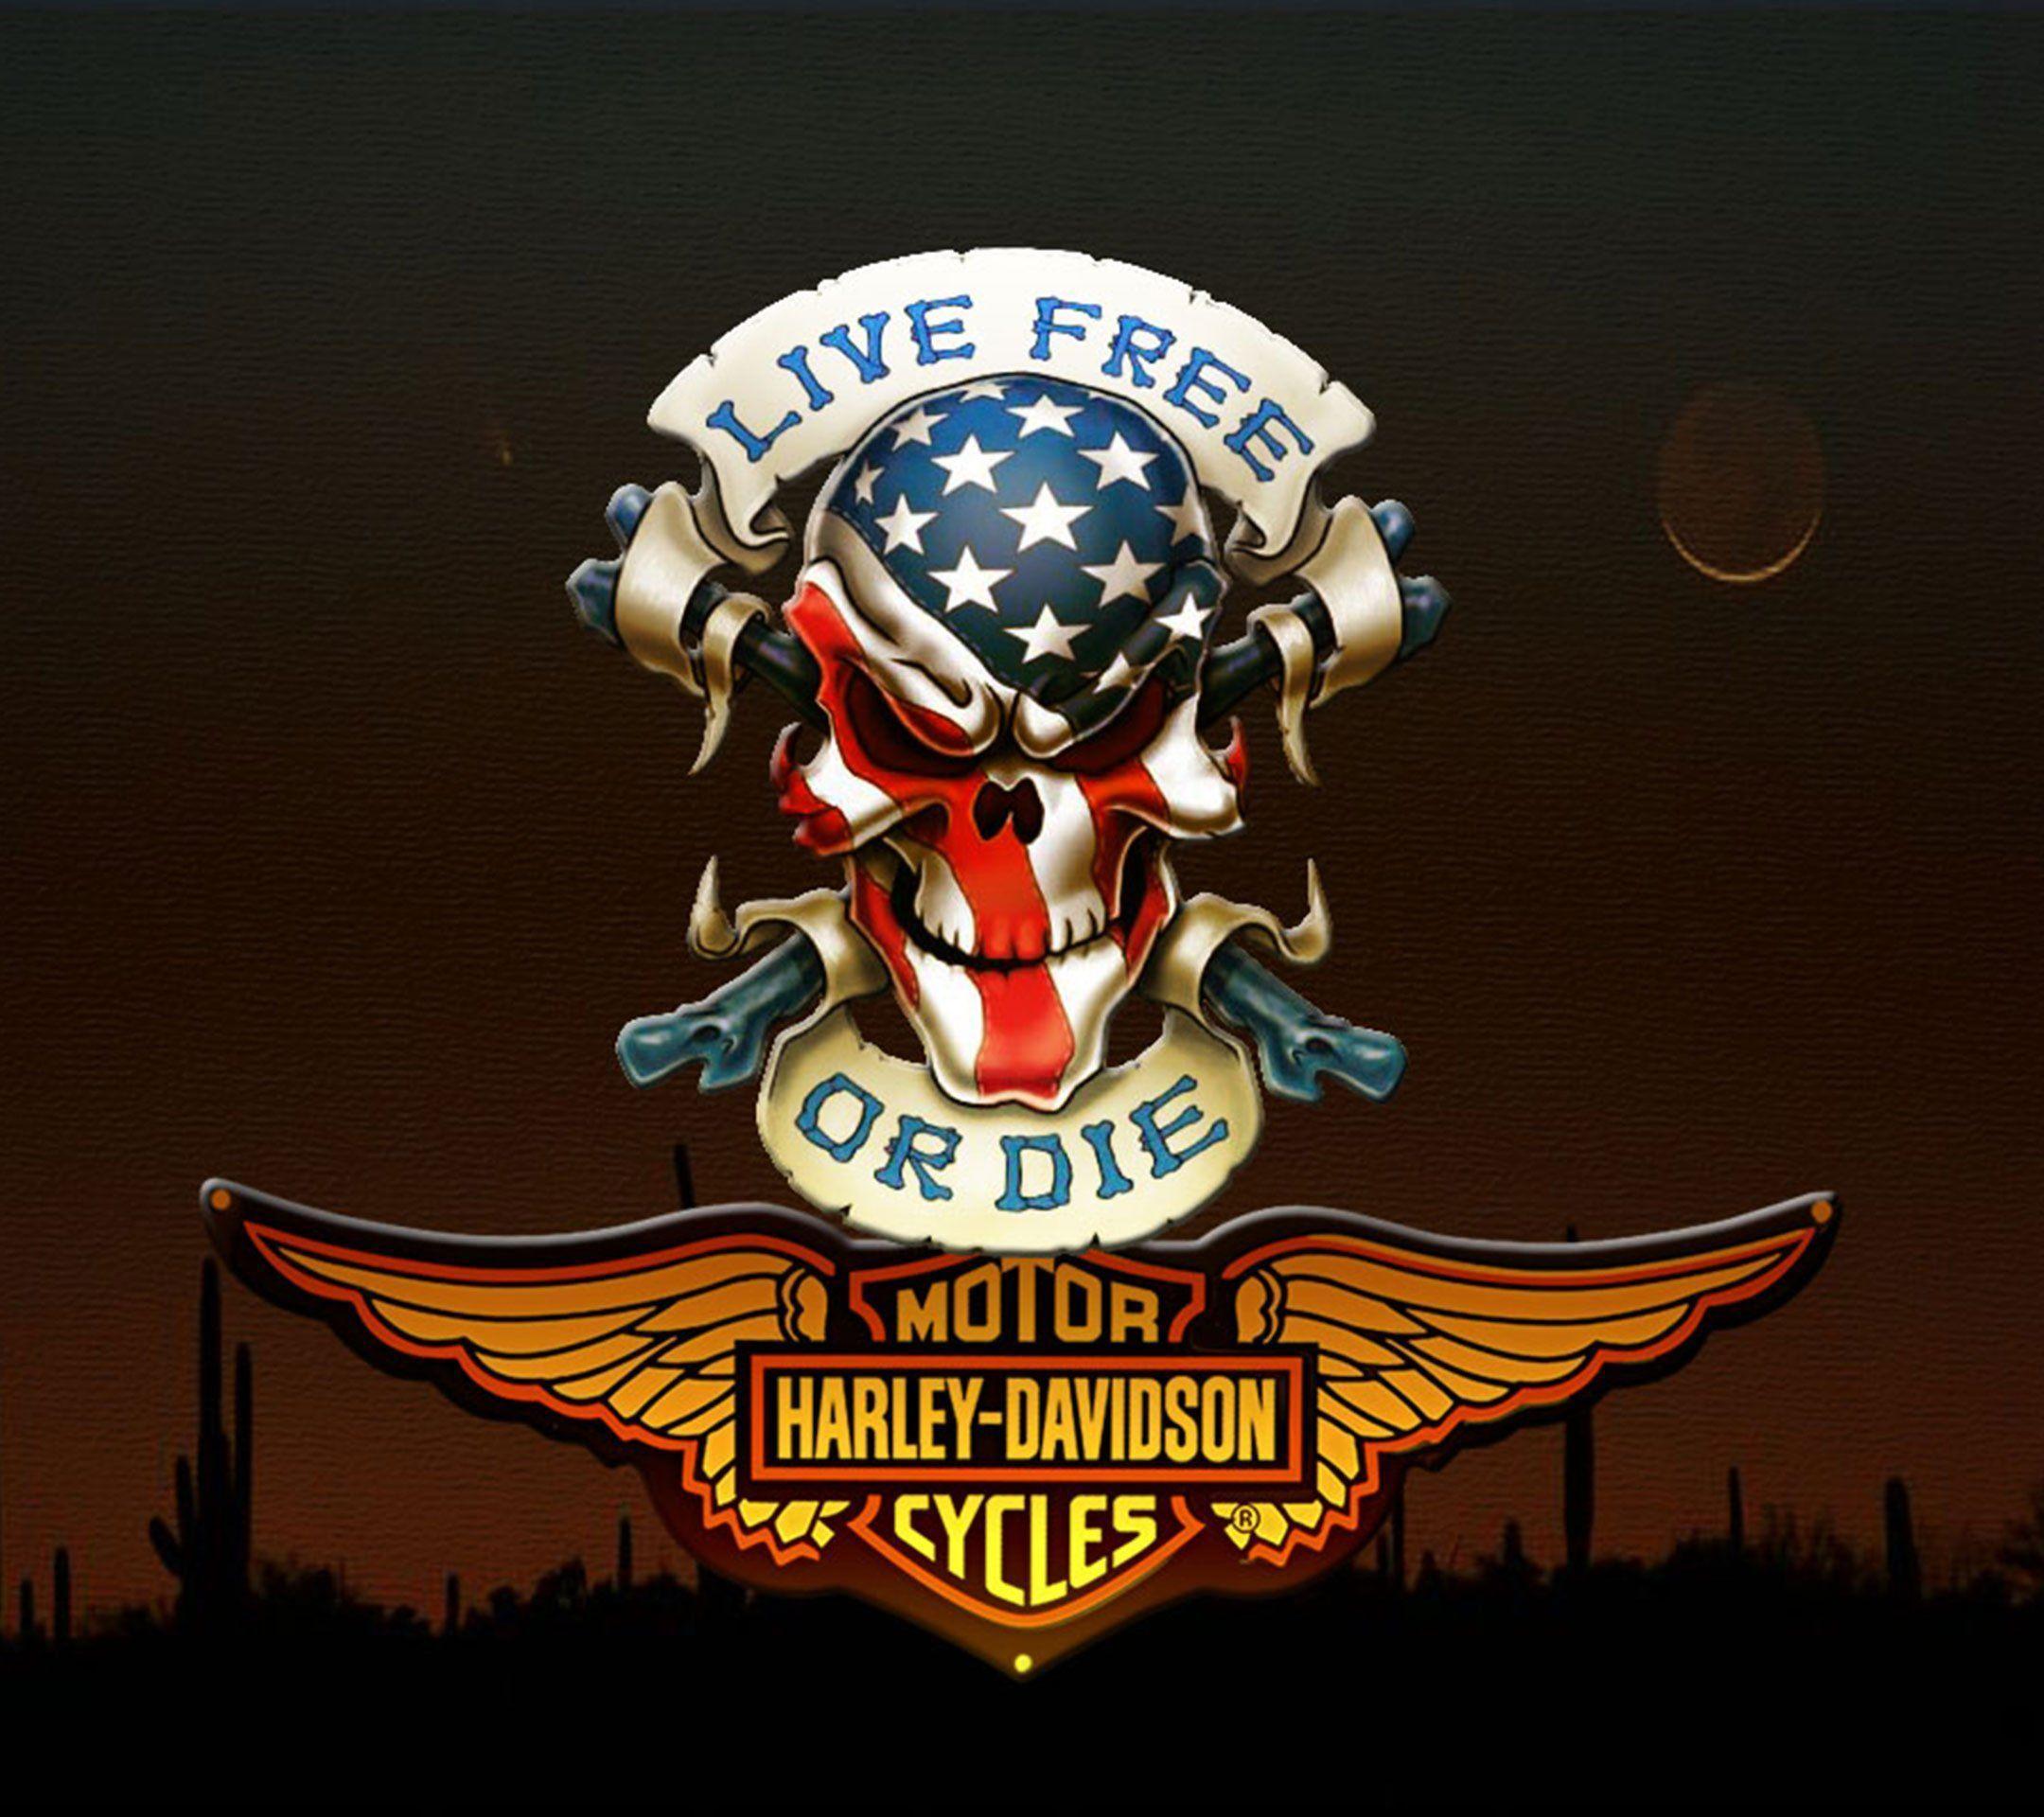 Harley Davidson Logo Wallpapers Top Free Harley Davidson Logo Backgrounds Wallpaperaccess